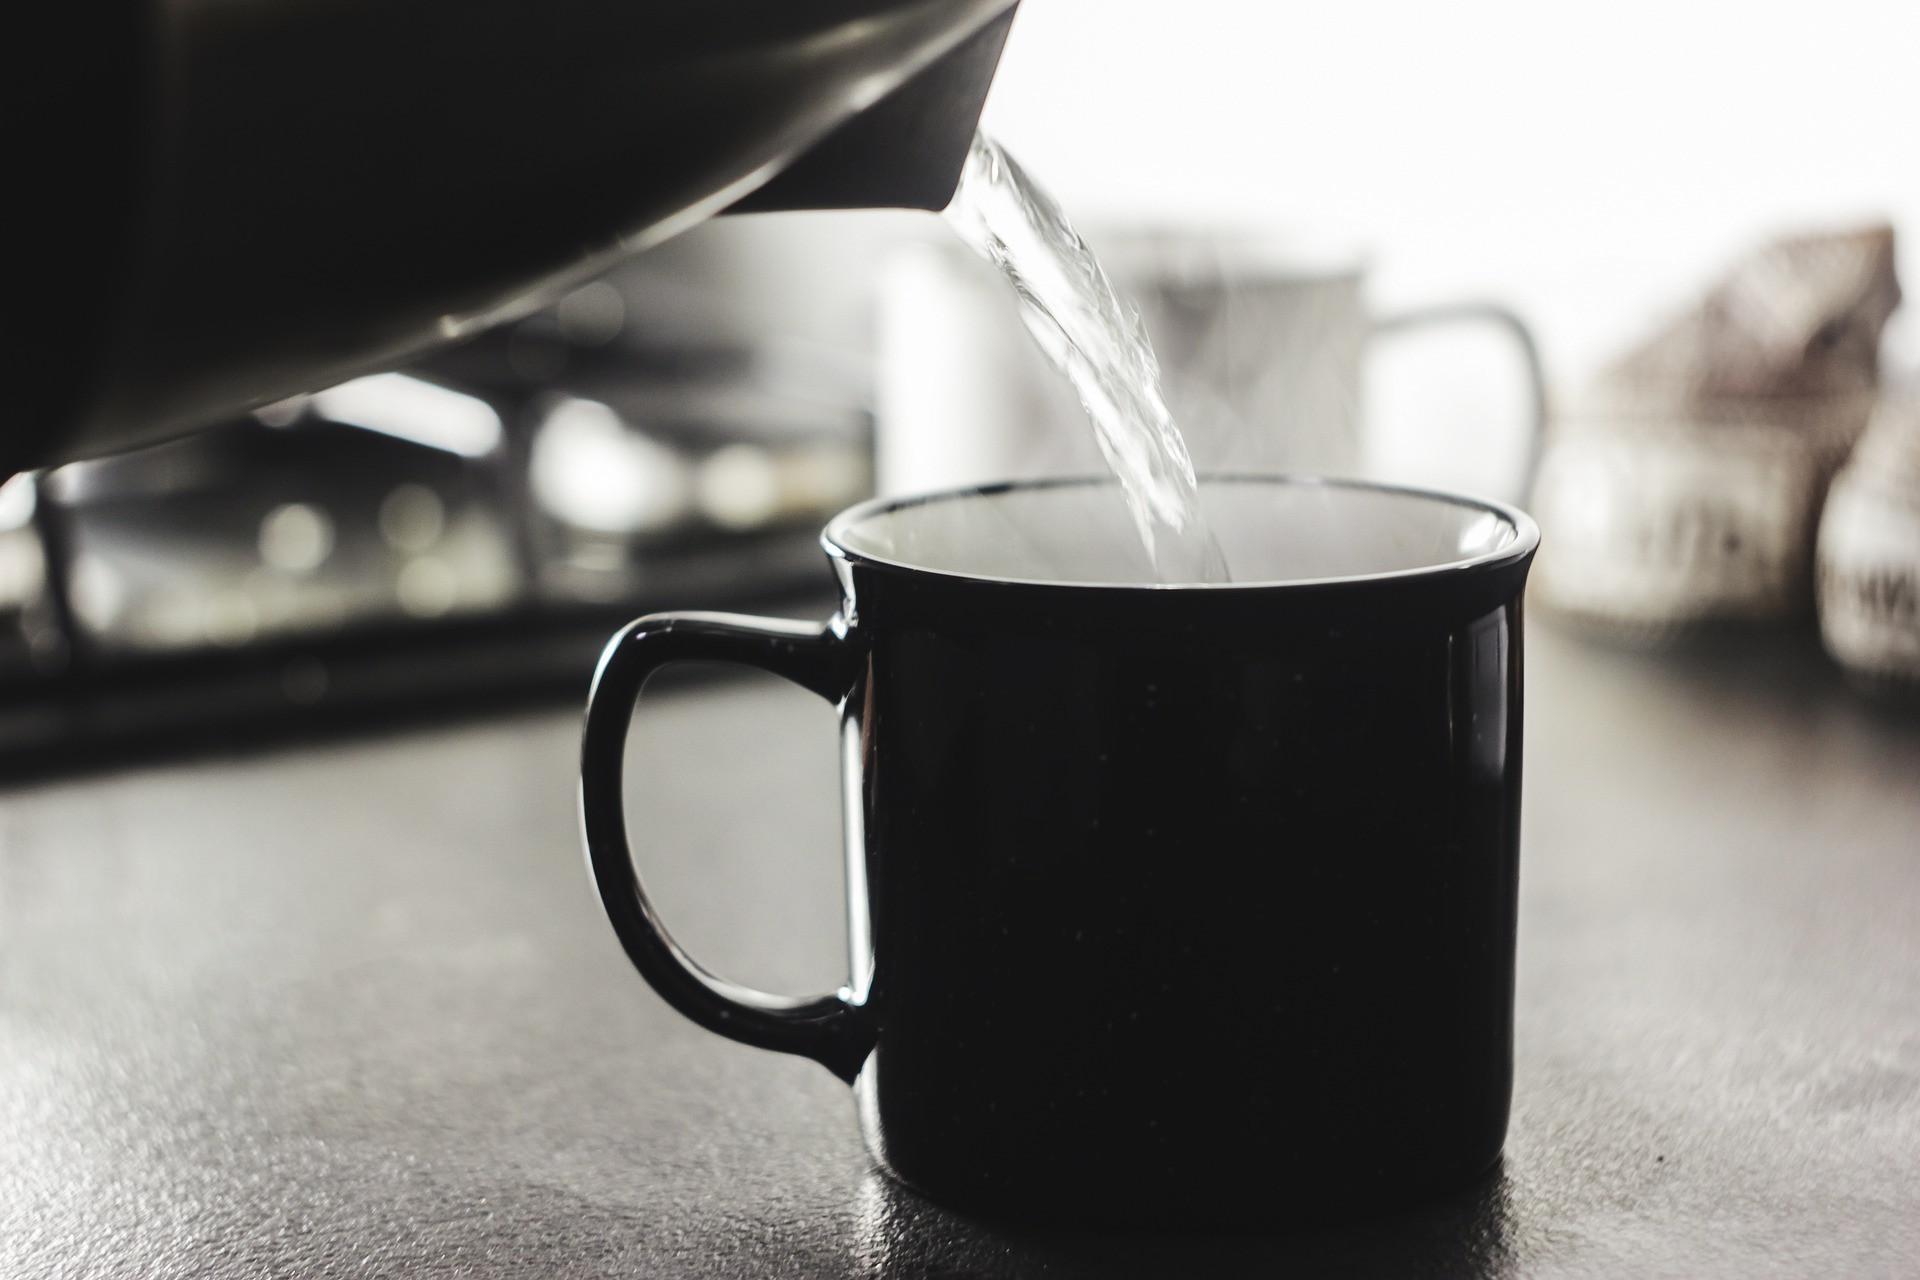 Jangan Ragu Minum Air Putih Lebih Banyak Setiap Hari, Ini 3 Manfaat Dahsyatnya